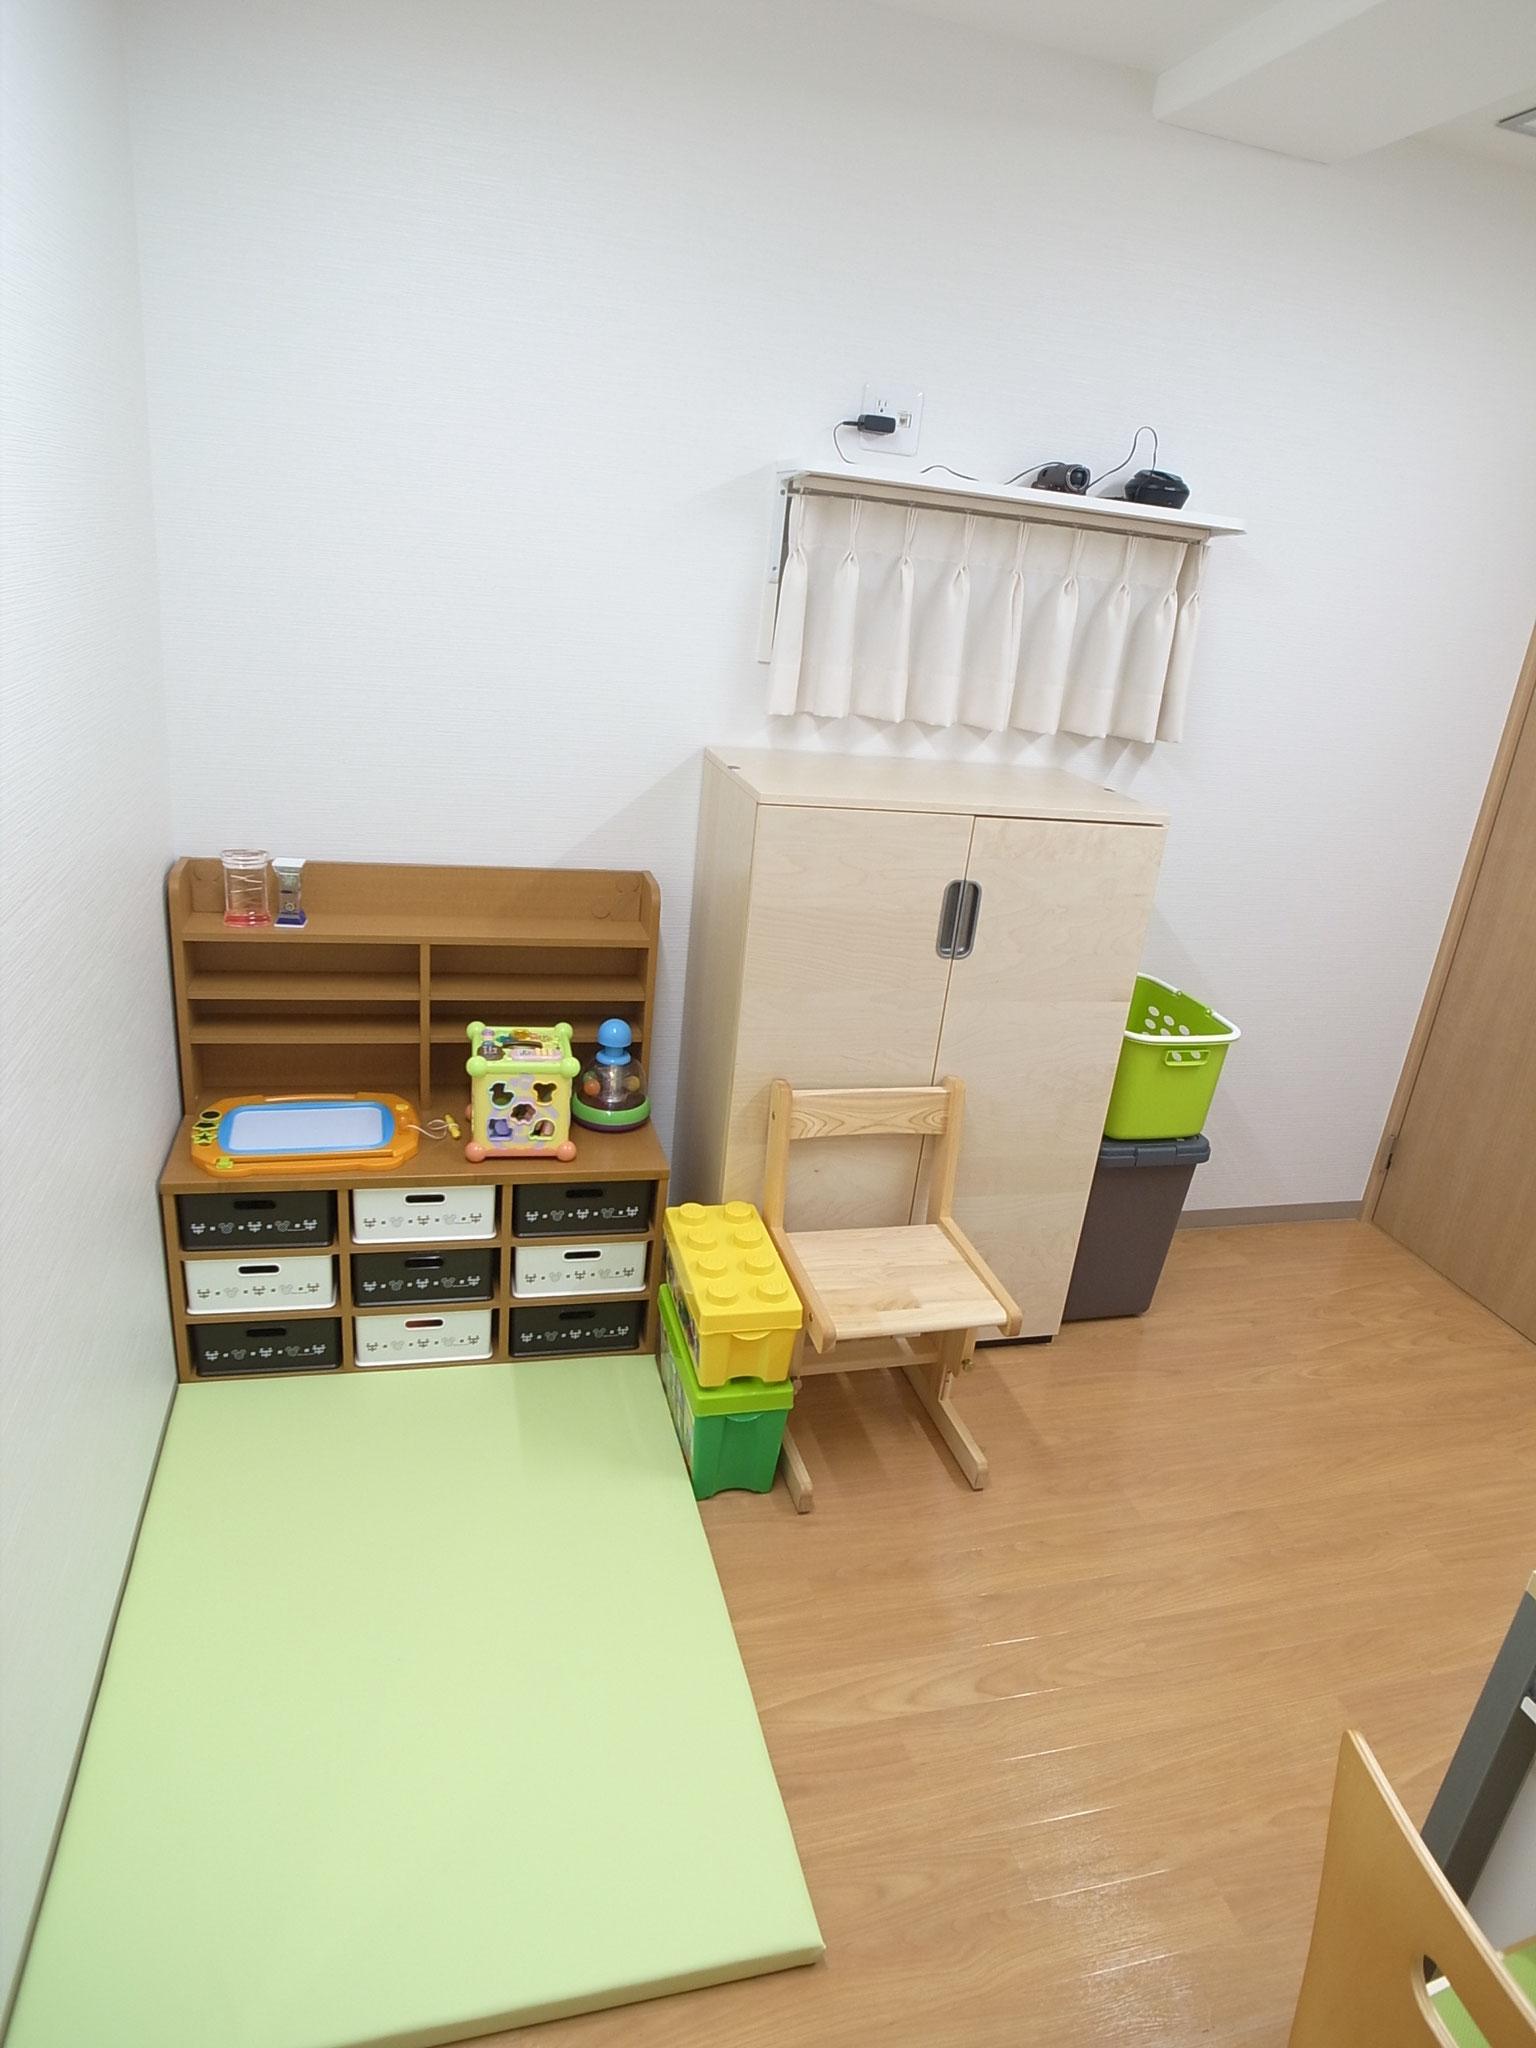 診察室2(プレイエリアはマットと玩具を用意しています)